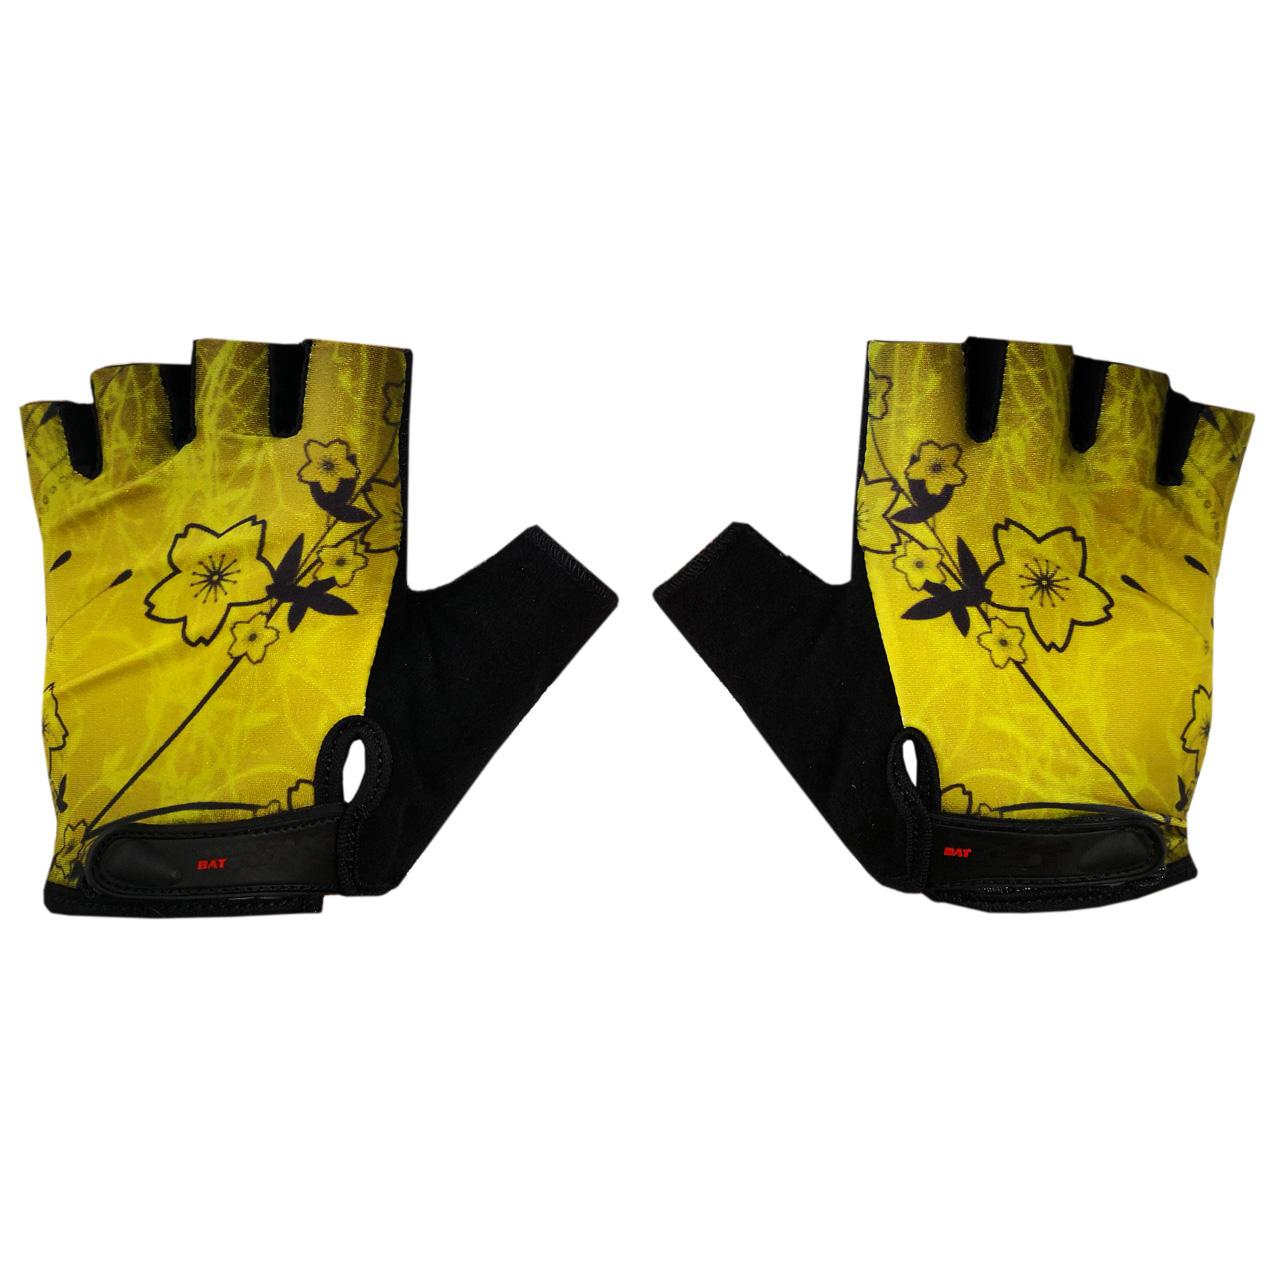 دستکش بدنسازی بت مدل FlowerZ1